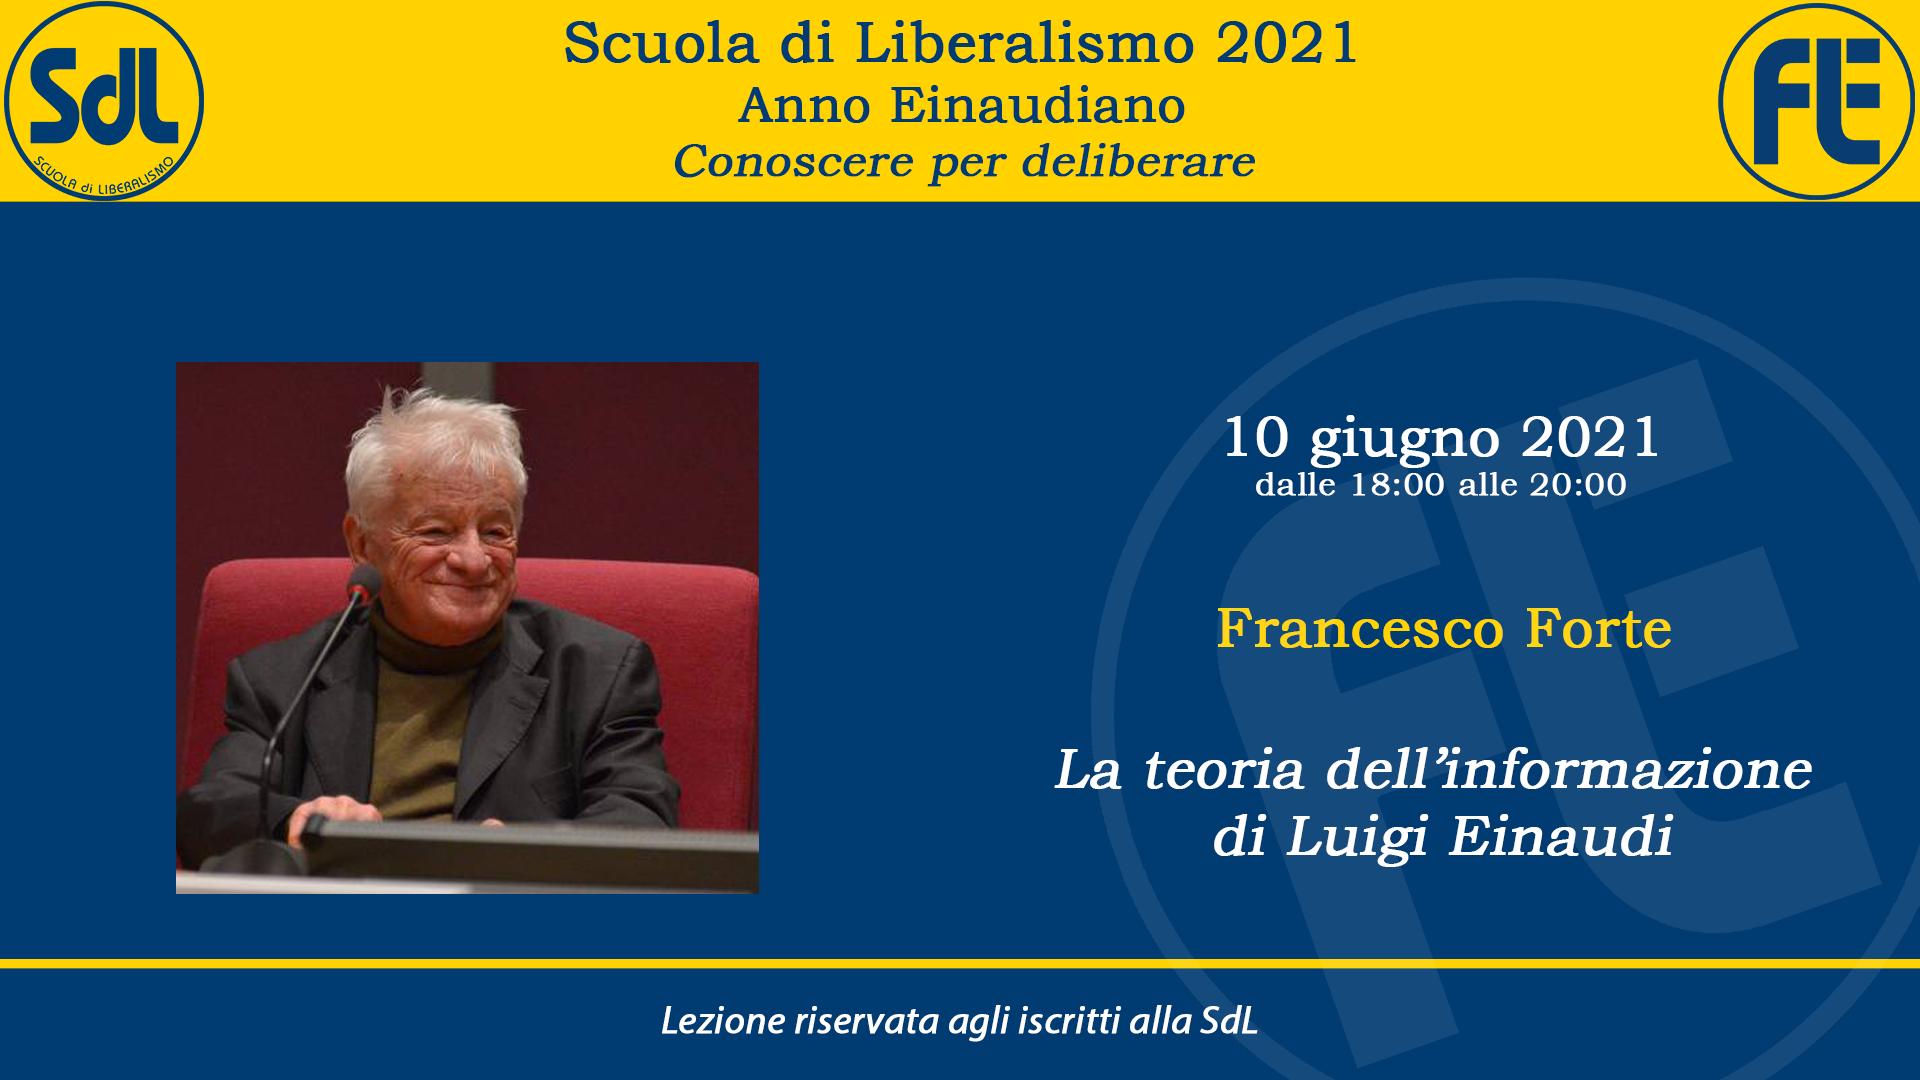 Scuola di Liberalismo 2021: 10 giugno lezione di Francesco Forte